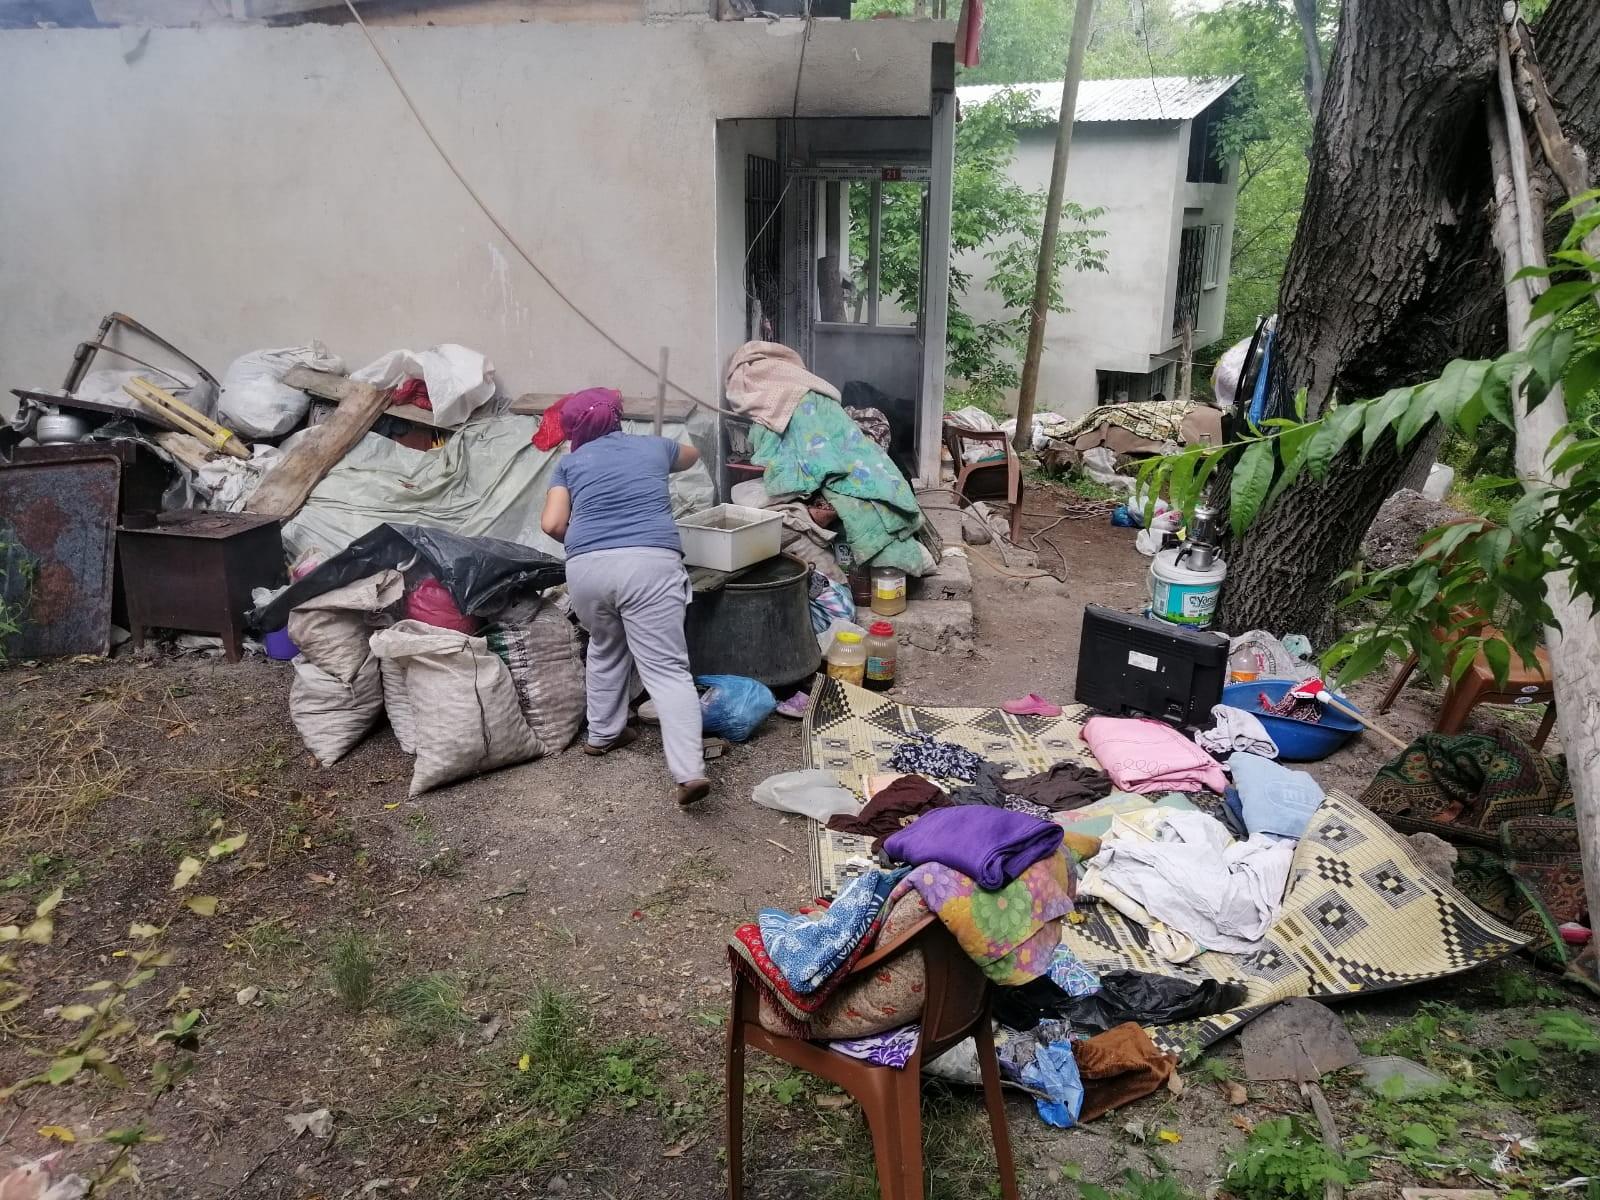 Uzundere'de çöp ev 3 günde temizlendi